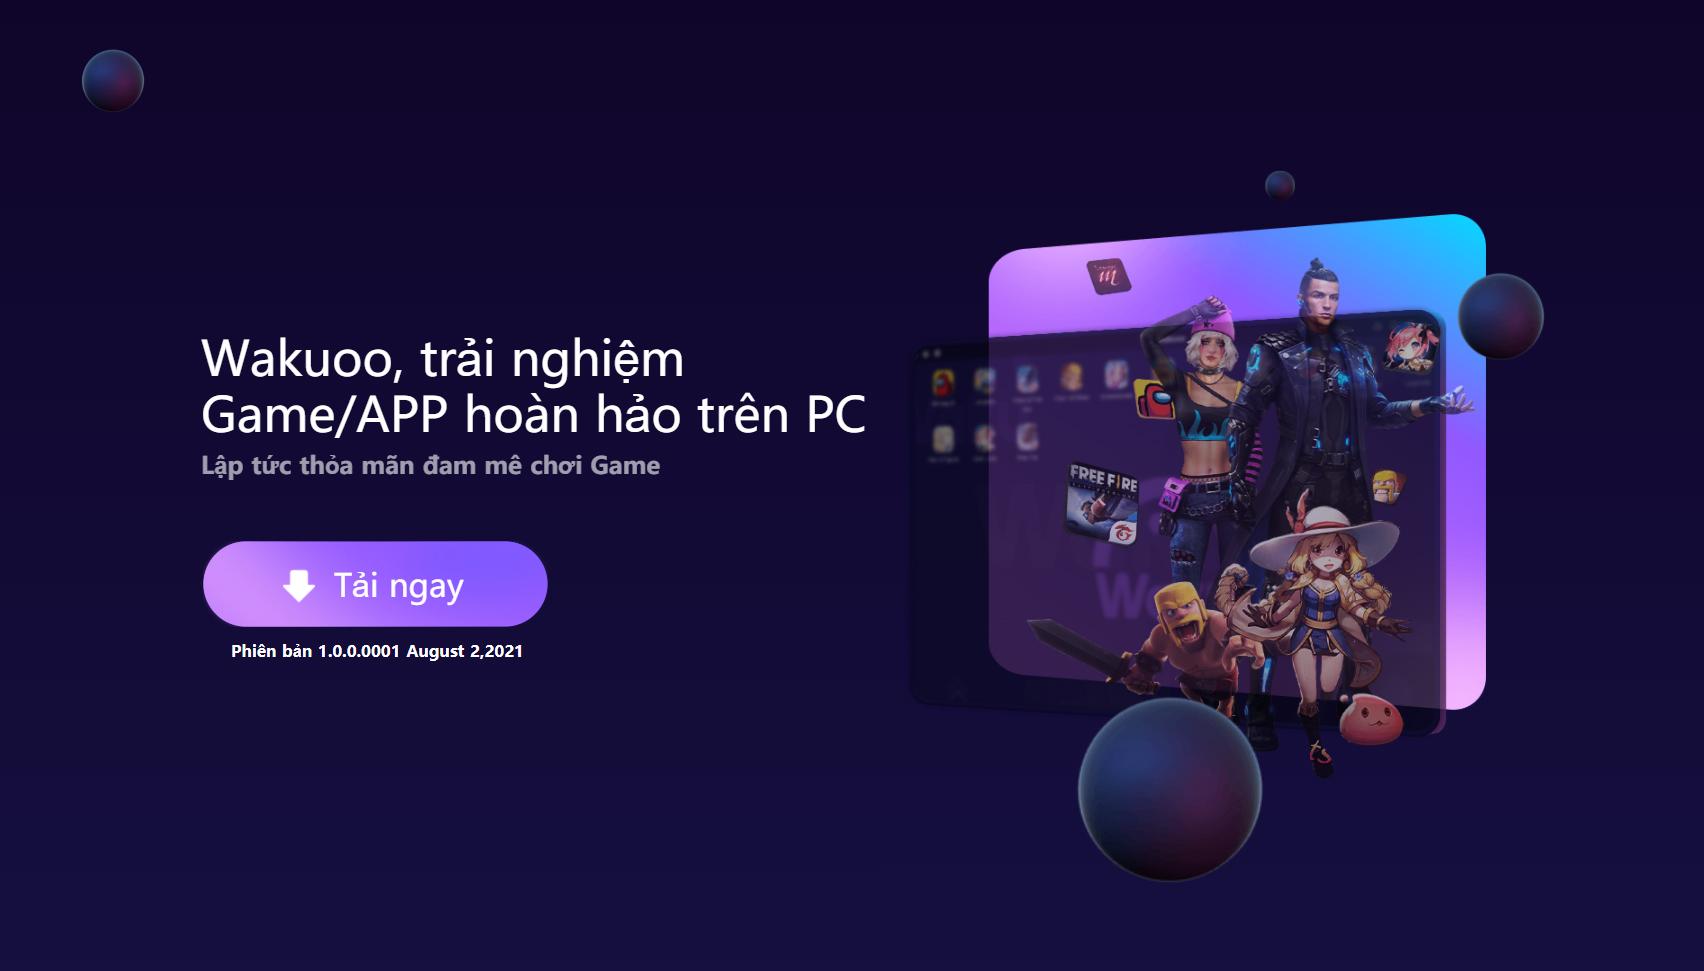 Giả lập Android Wakuoo